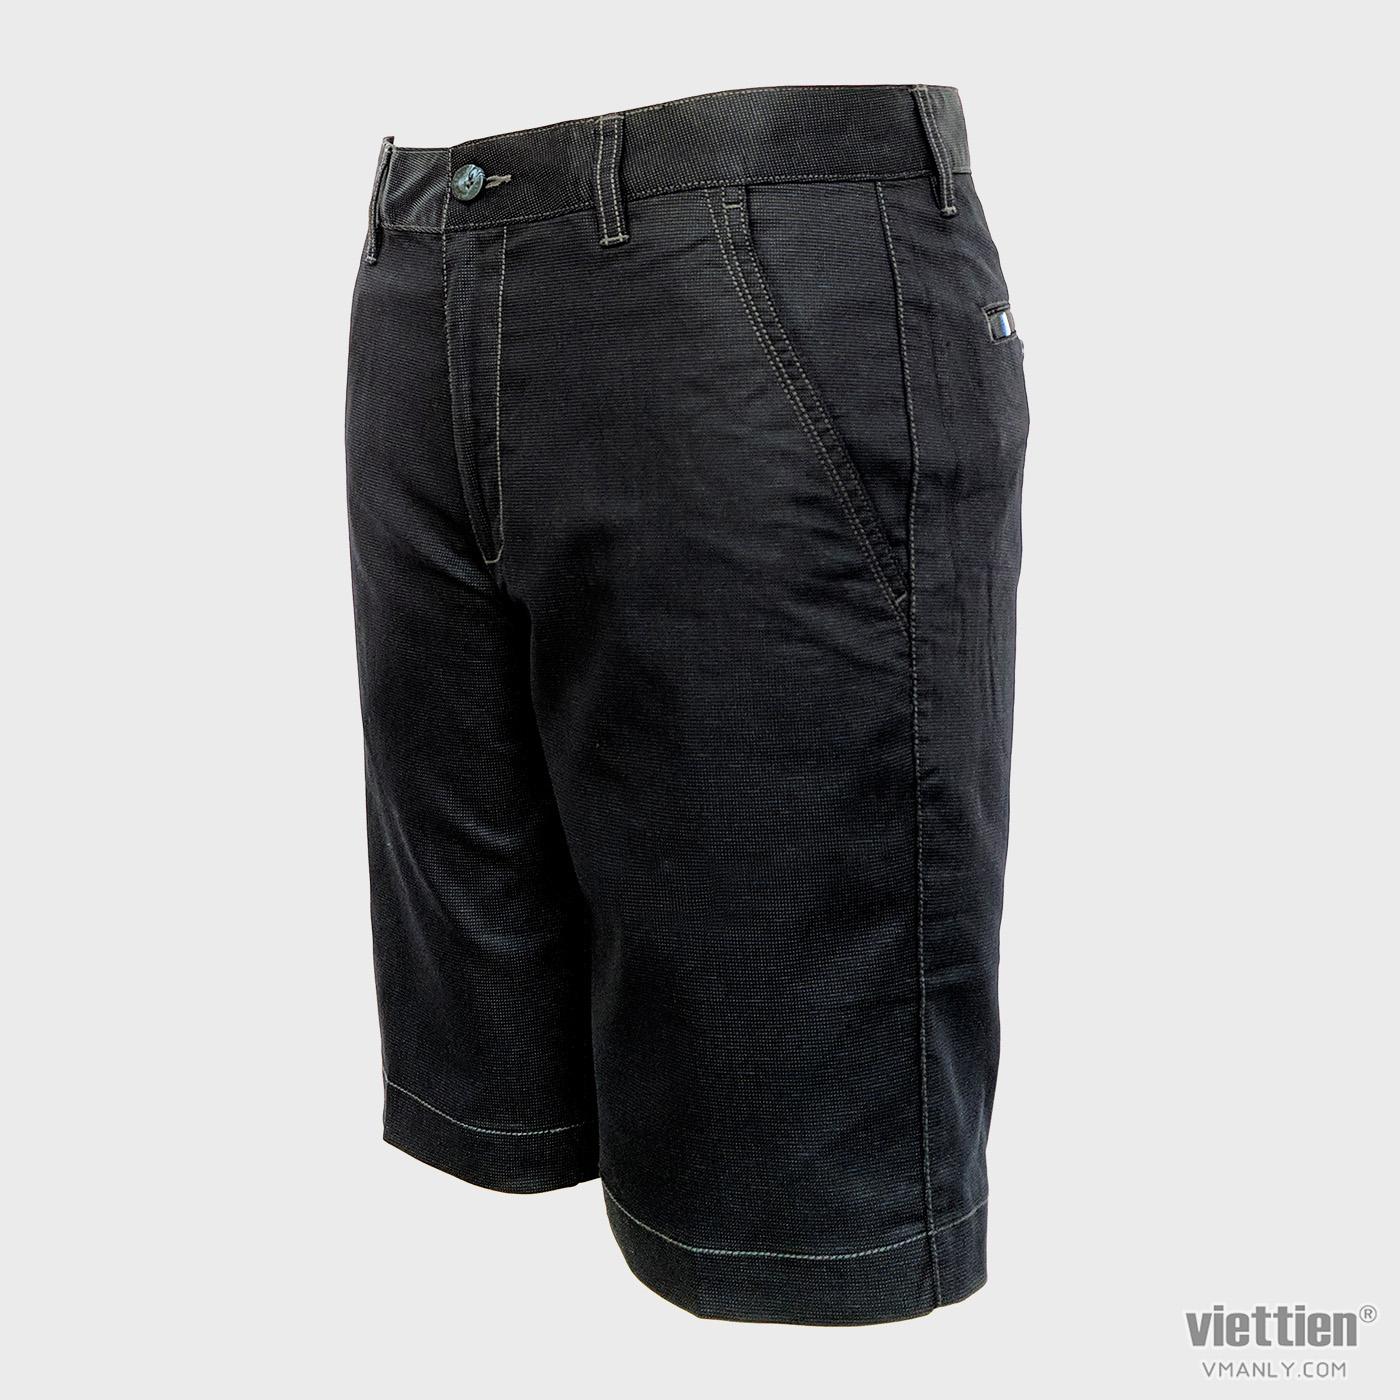 Quần short kaki nam Việt Tiến màu đen chấm bi 6M8001BT4/QSKF